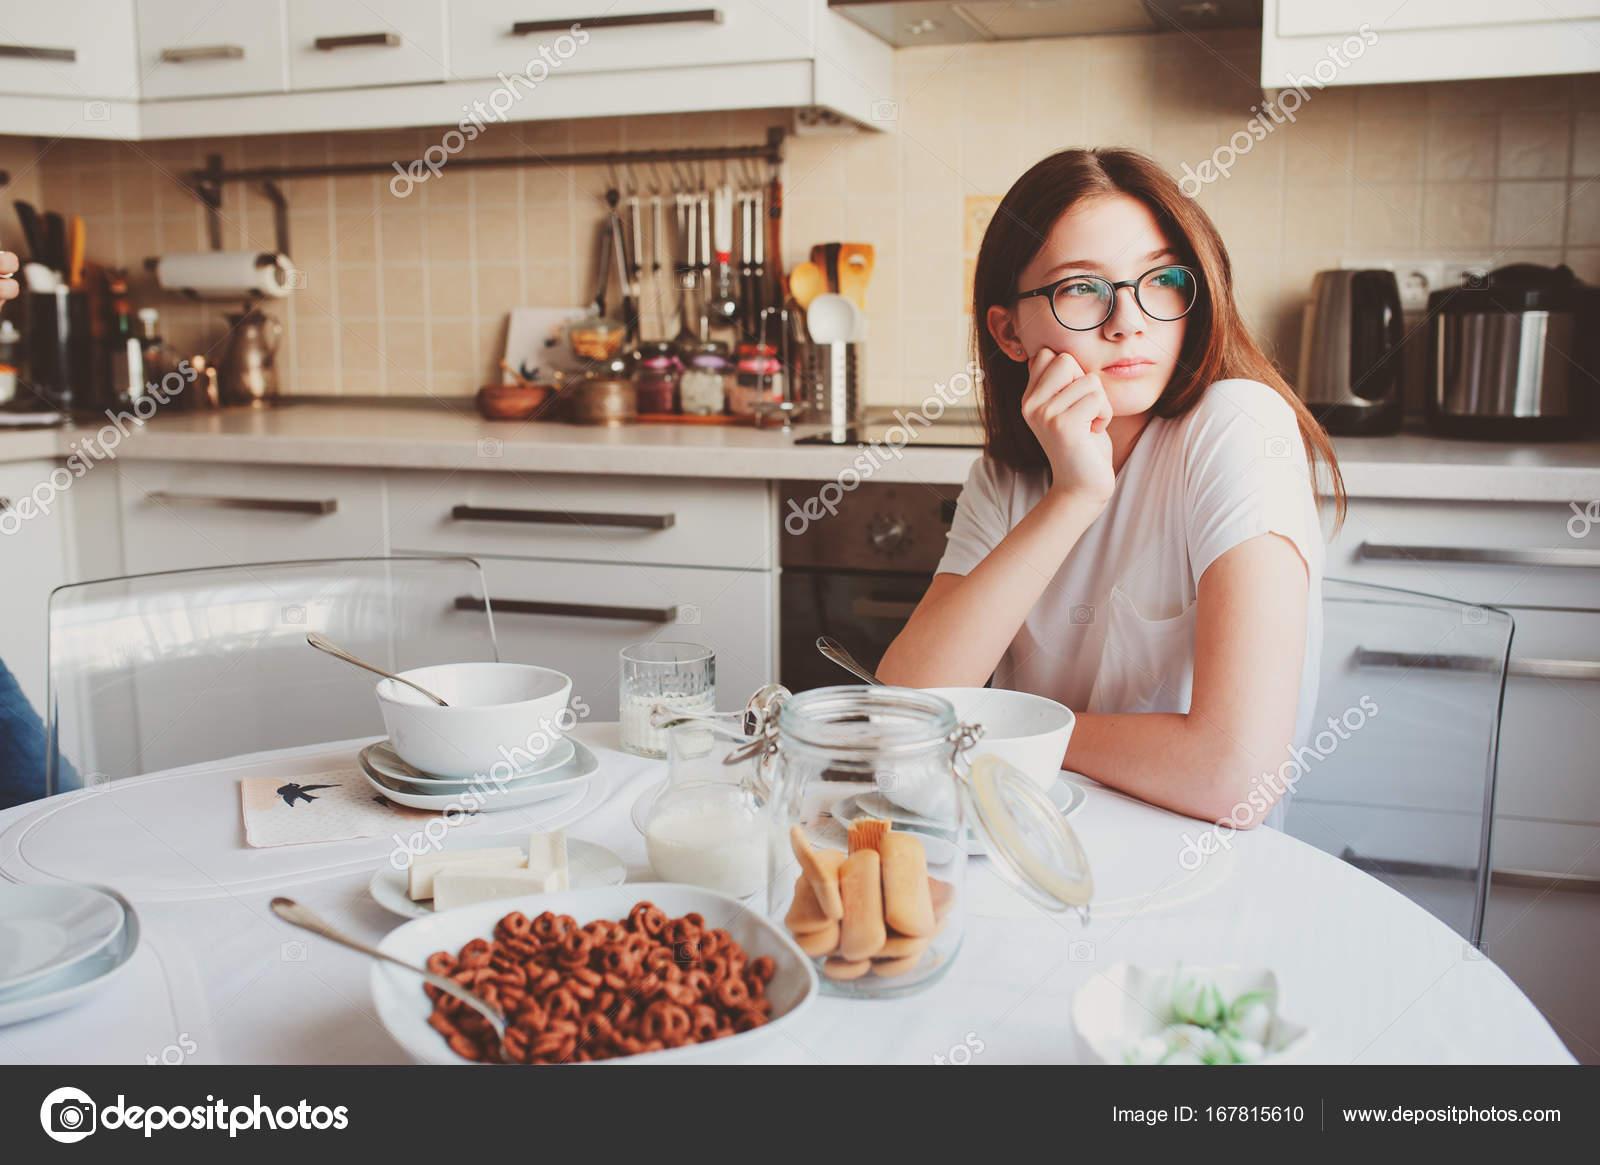 Teen girl fare colazione a casa nell 39 accogliente cucina for Piani colazione